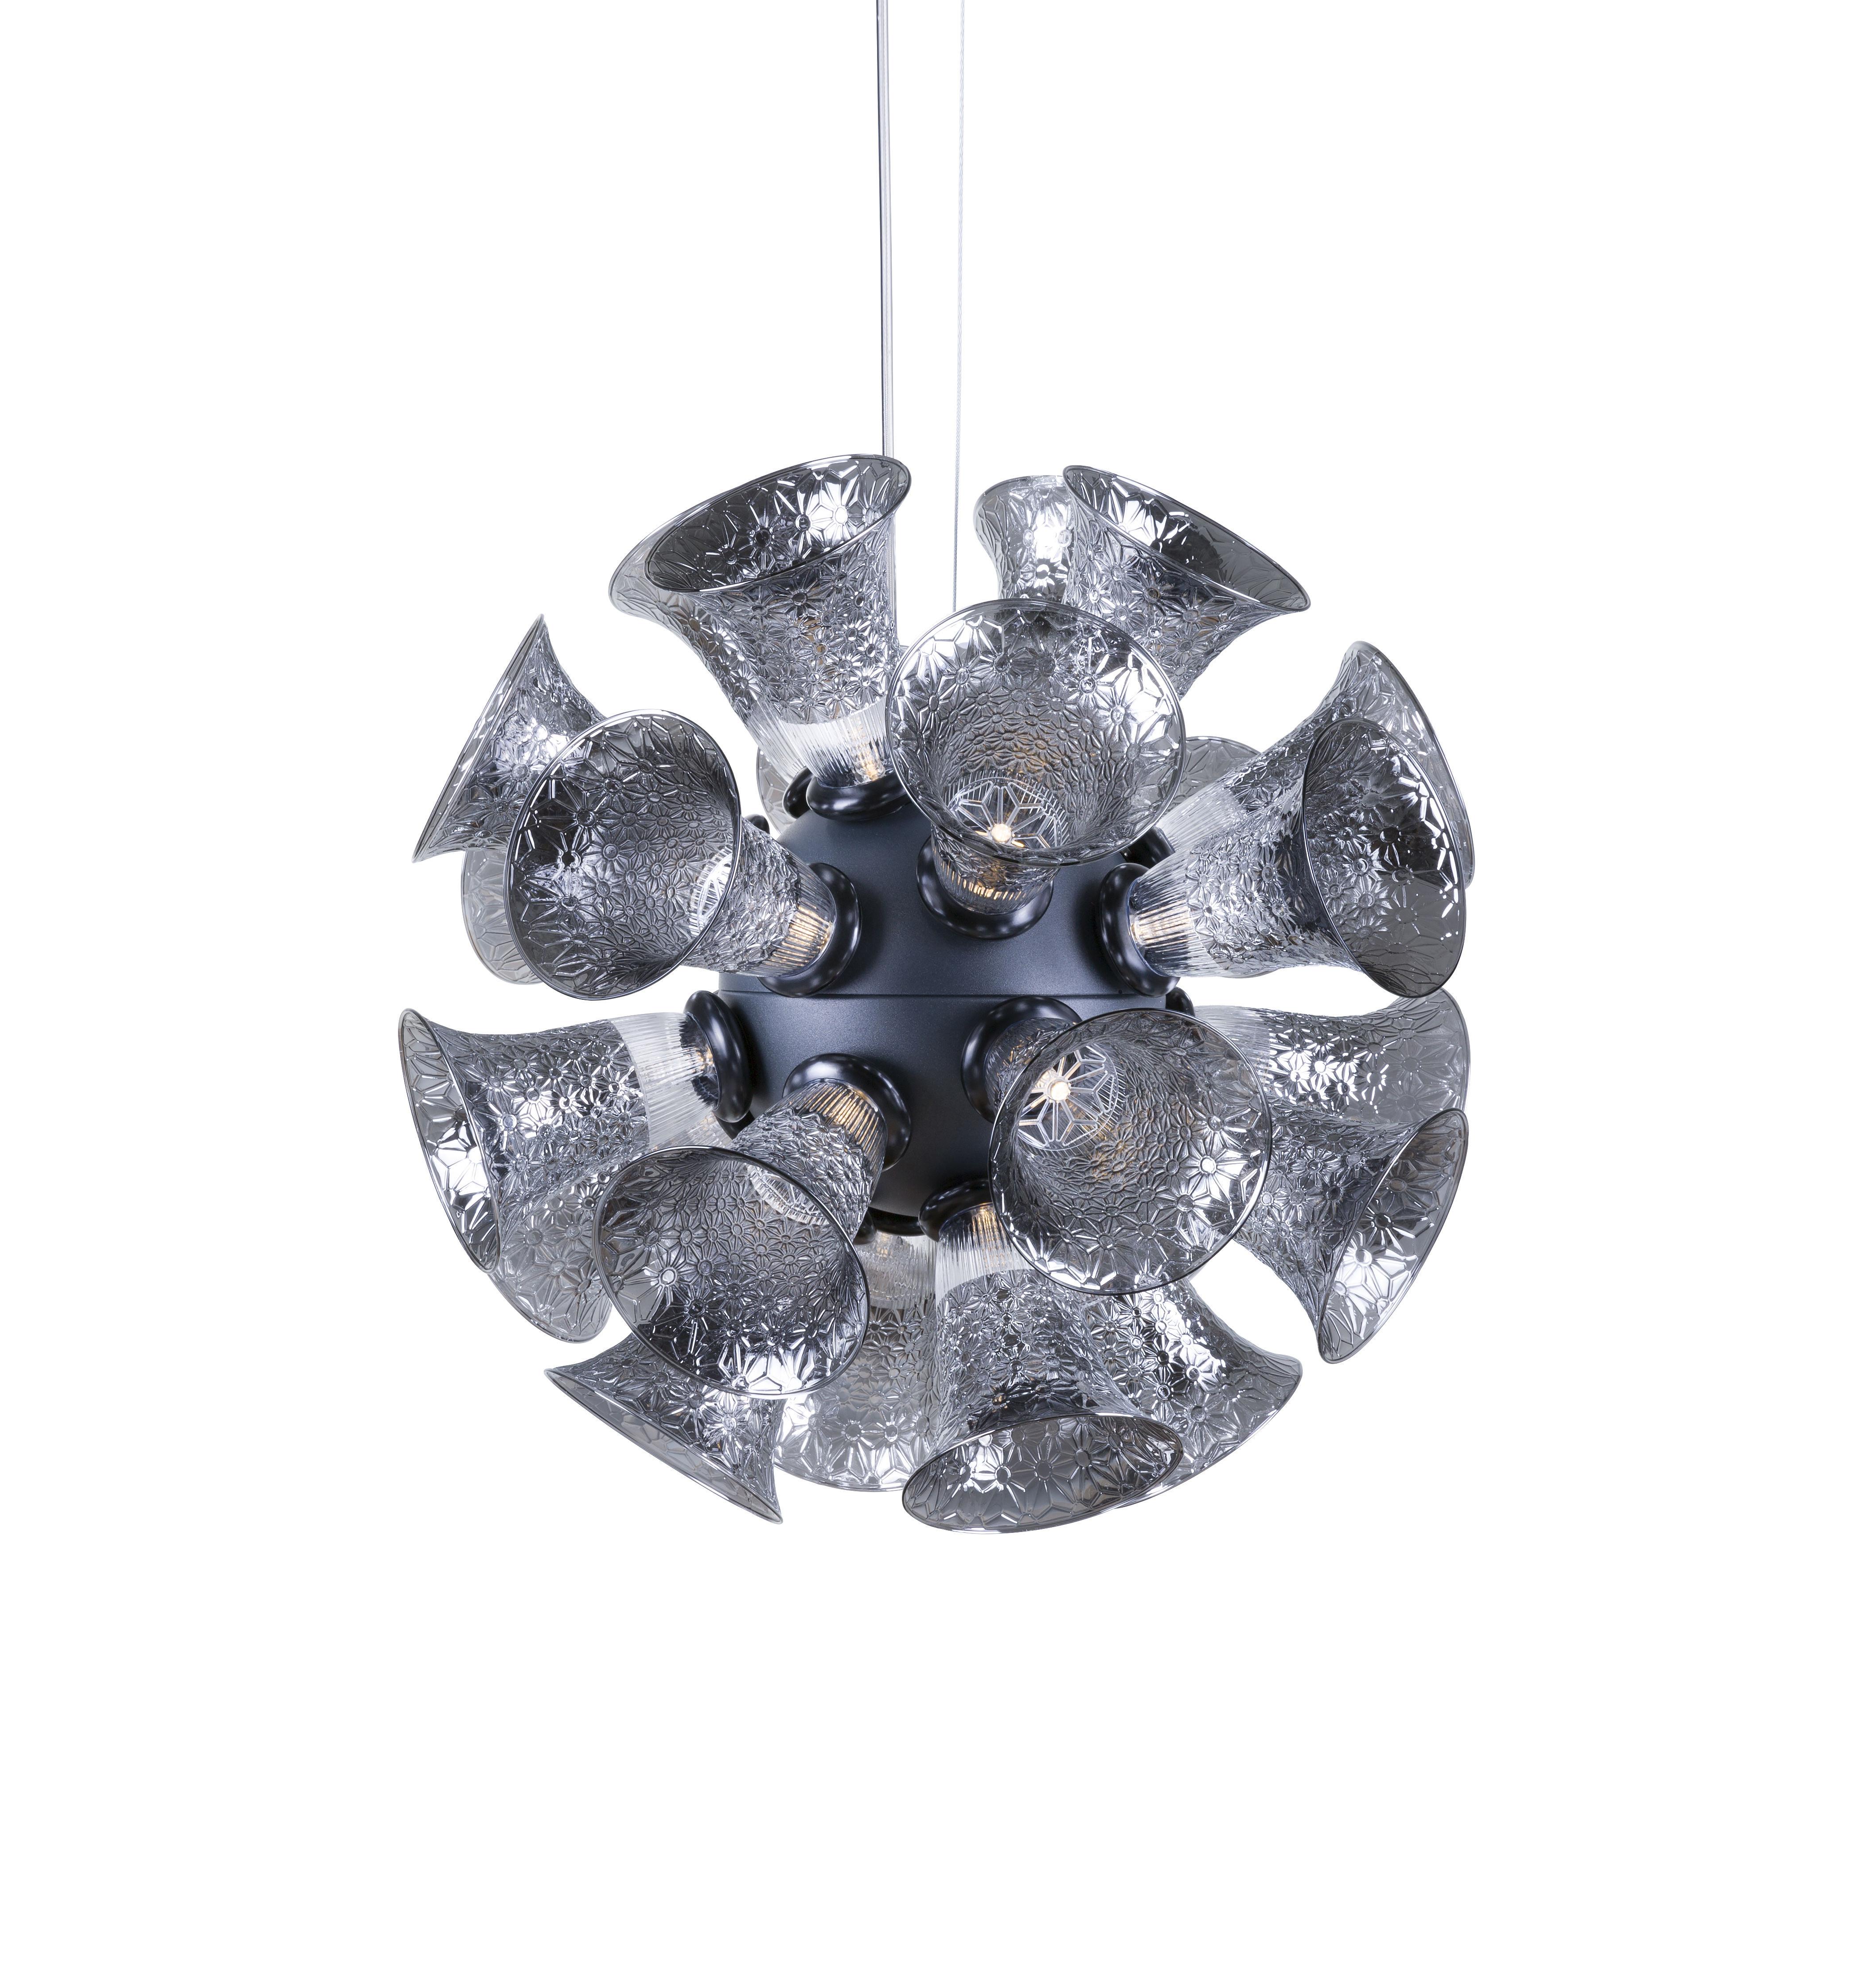 Illuminazione - Lampadari - Sospensione Chalice 24 - / Calici in vetro - Ø 48 cm di Moooi - Argentato - Bachelite, Metallo cromato, Vetro